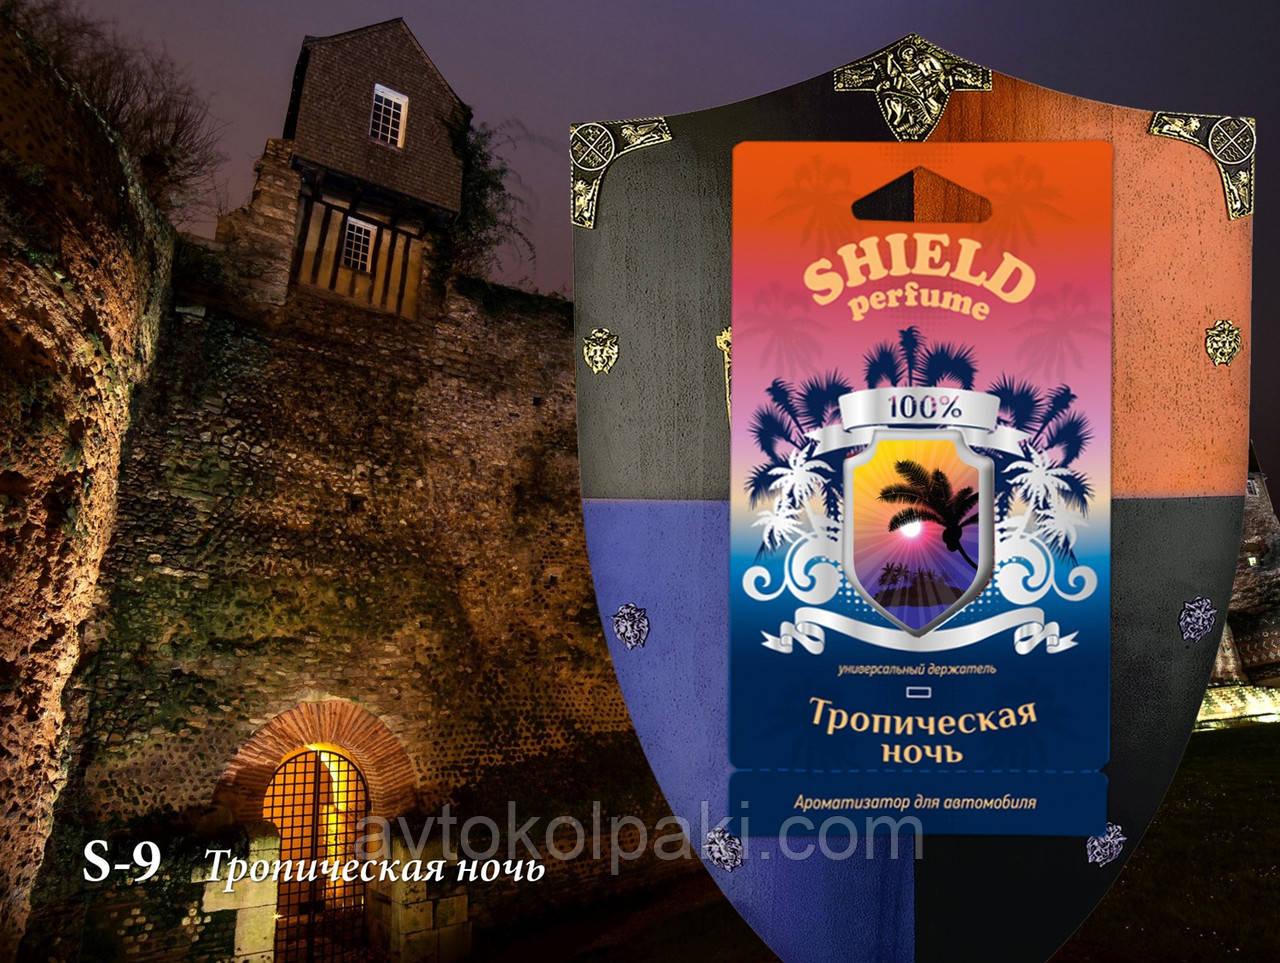 Ароматизатор в авто Тропическая ночь Shield perfume